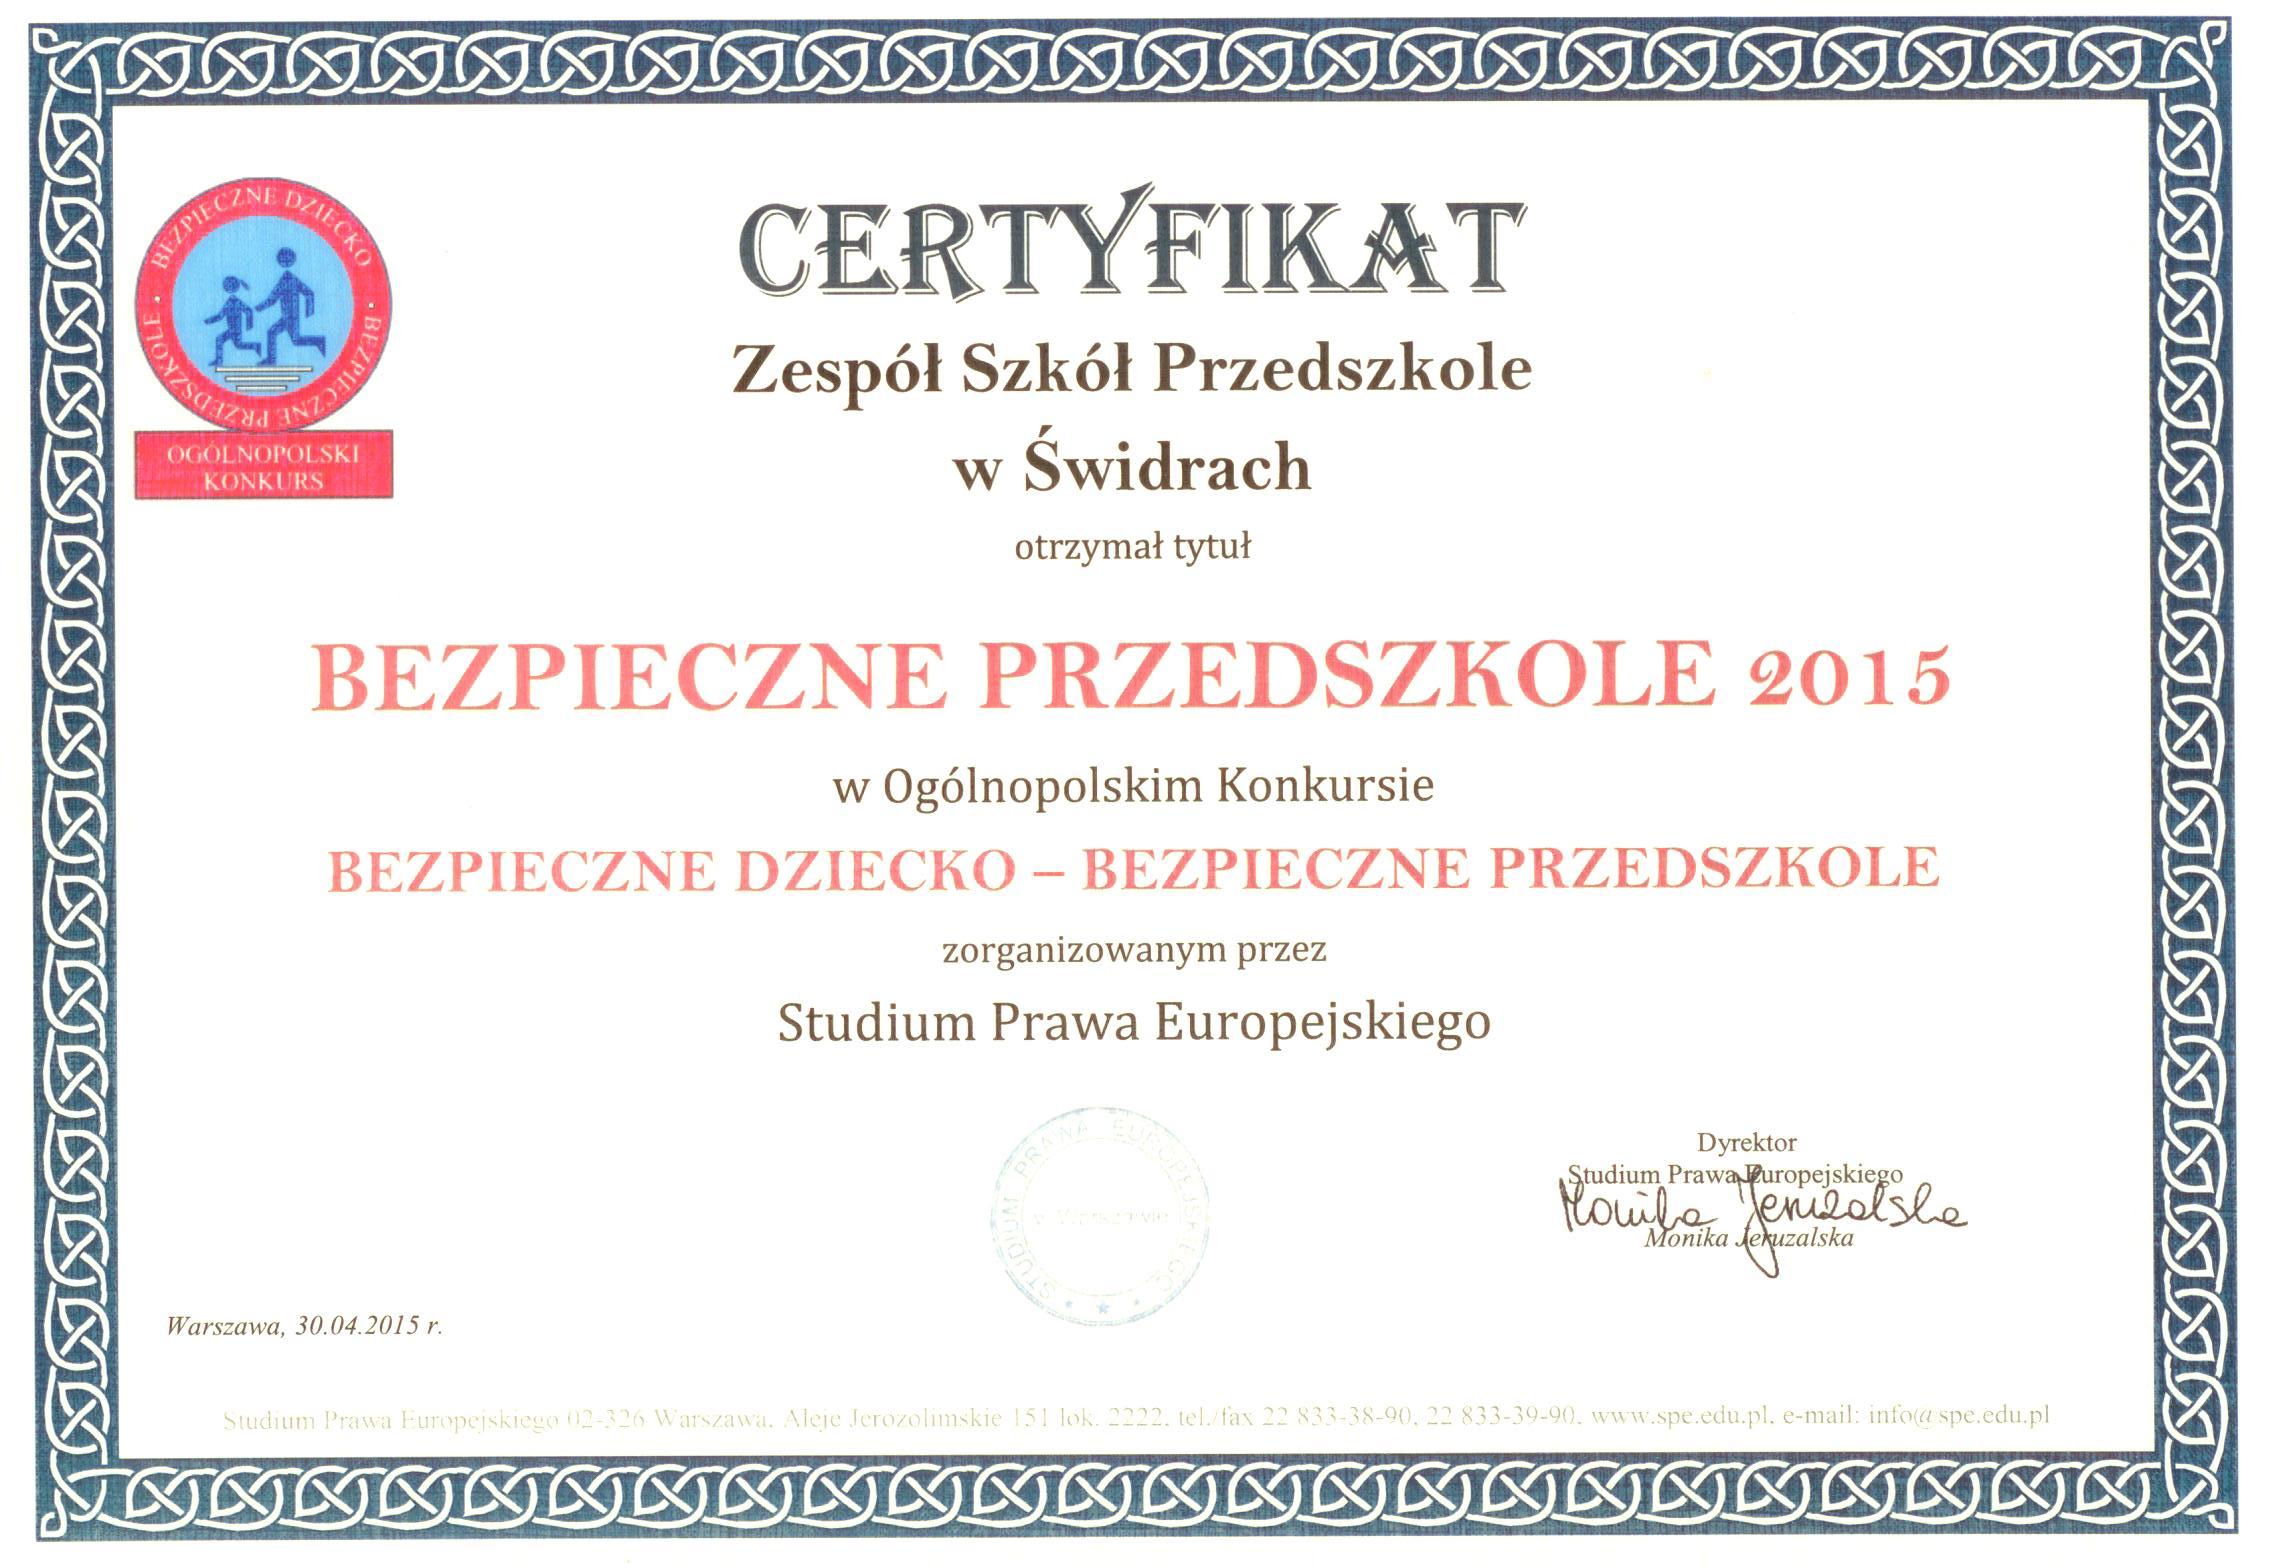 Certyfikat Bezpieczne Przedszkole